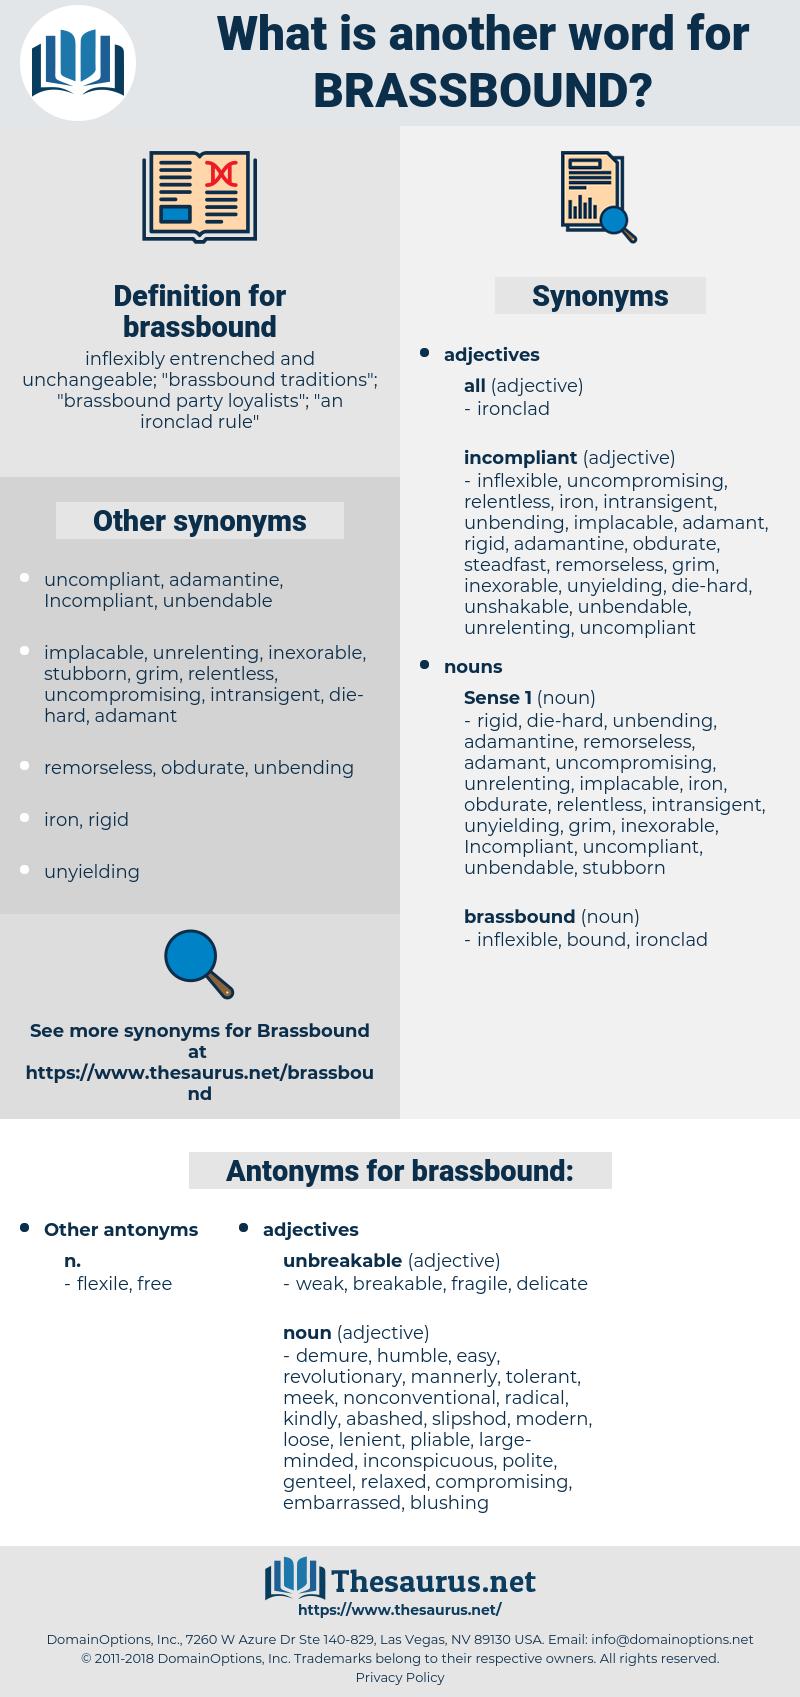 brassbound, synonym brassbound, another word for brassbound, words like brassbound, thesaurus brassbound